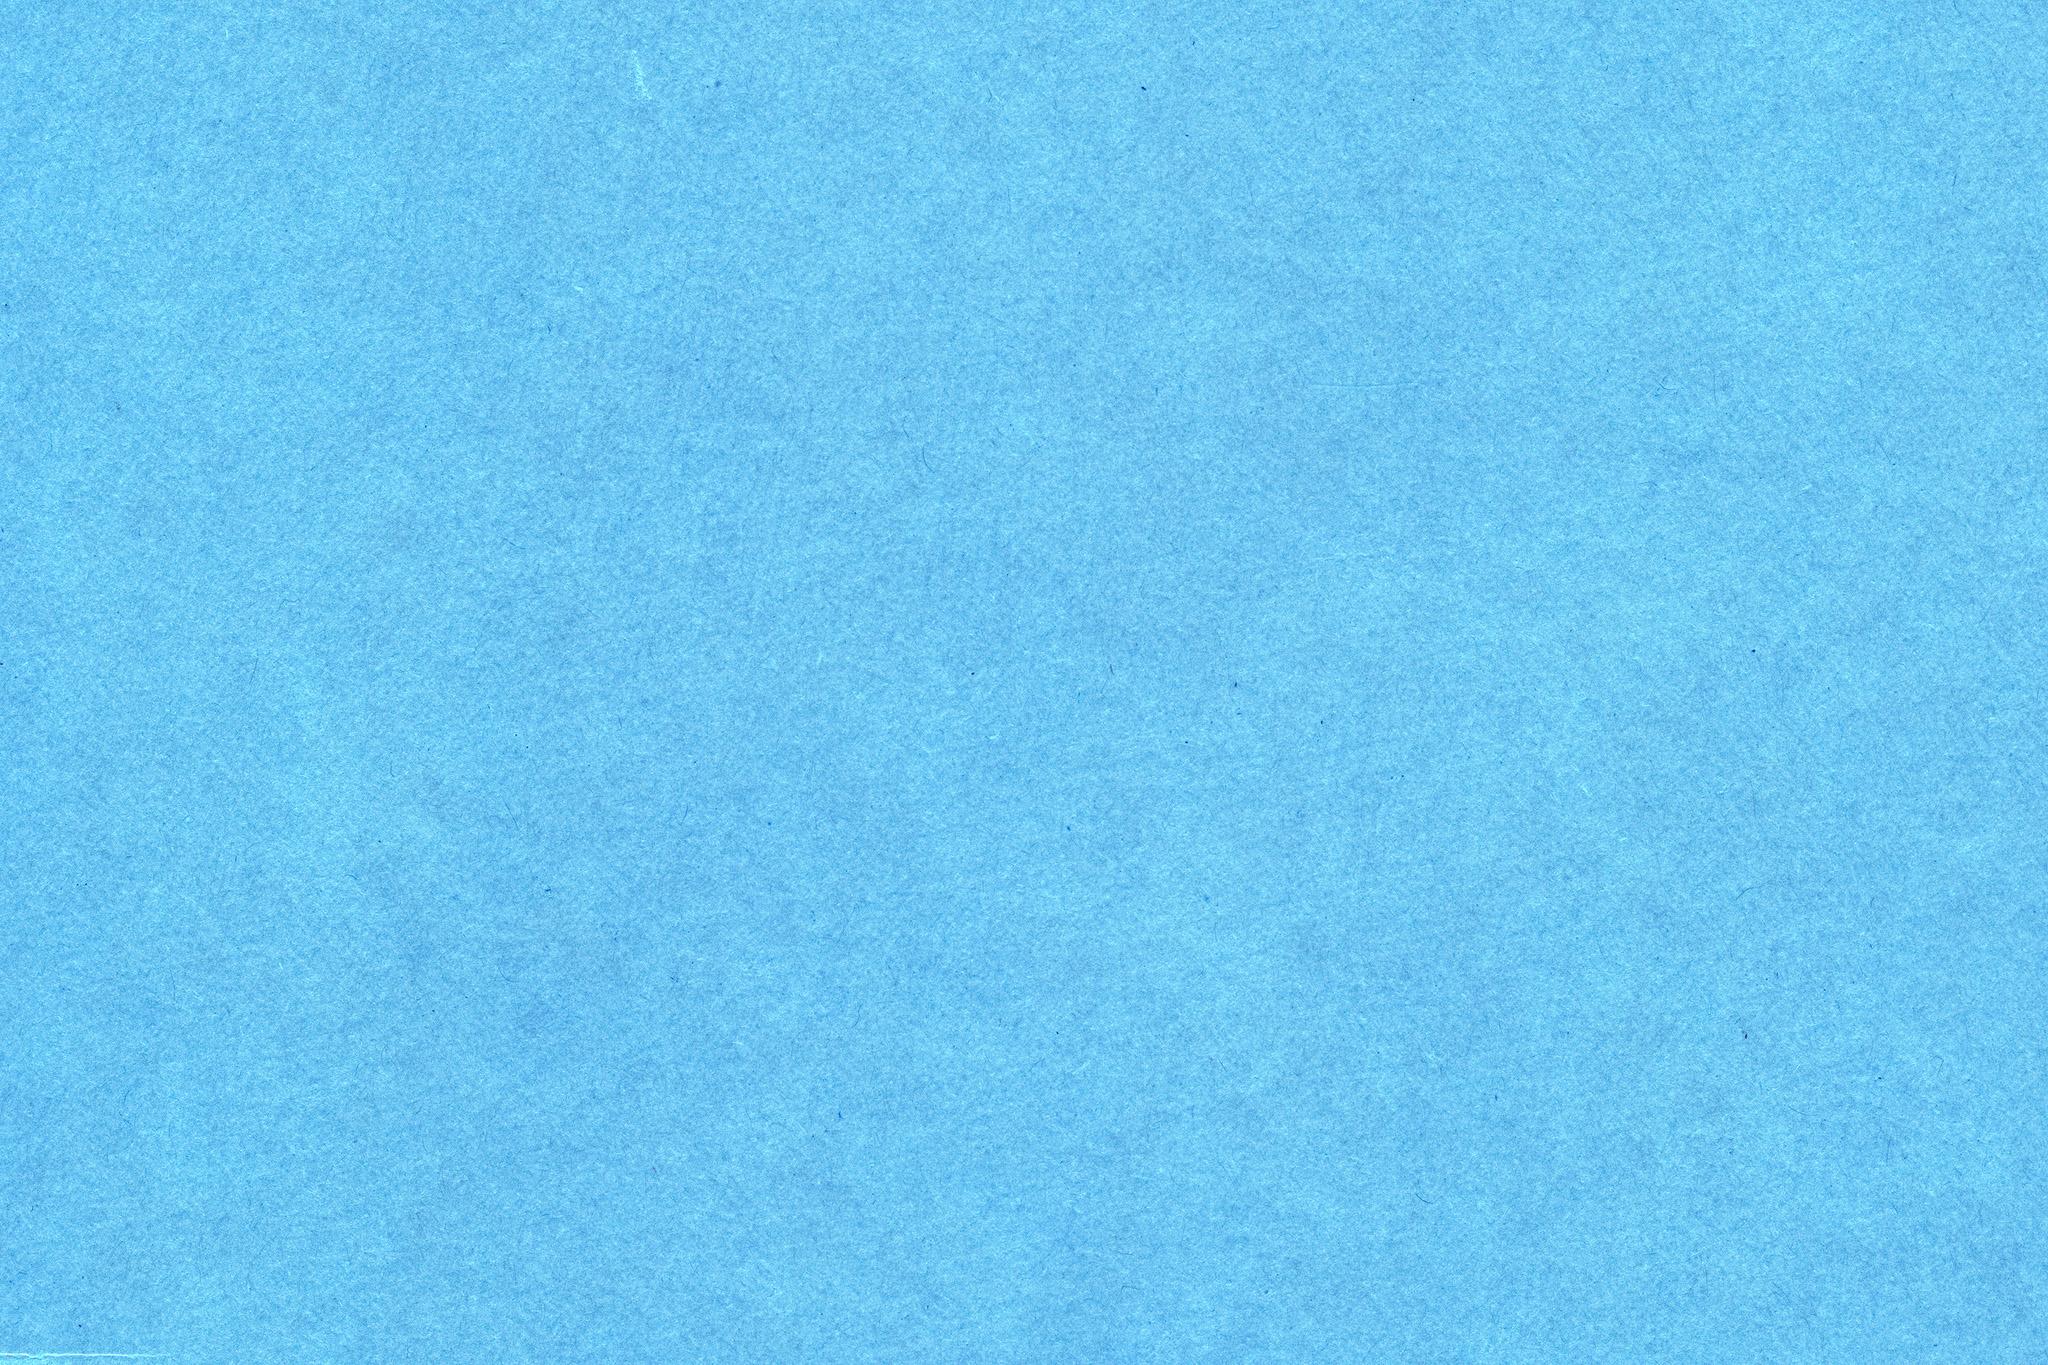 「水色の涼し気な雰囲気の紙」